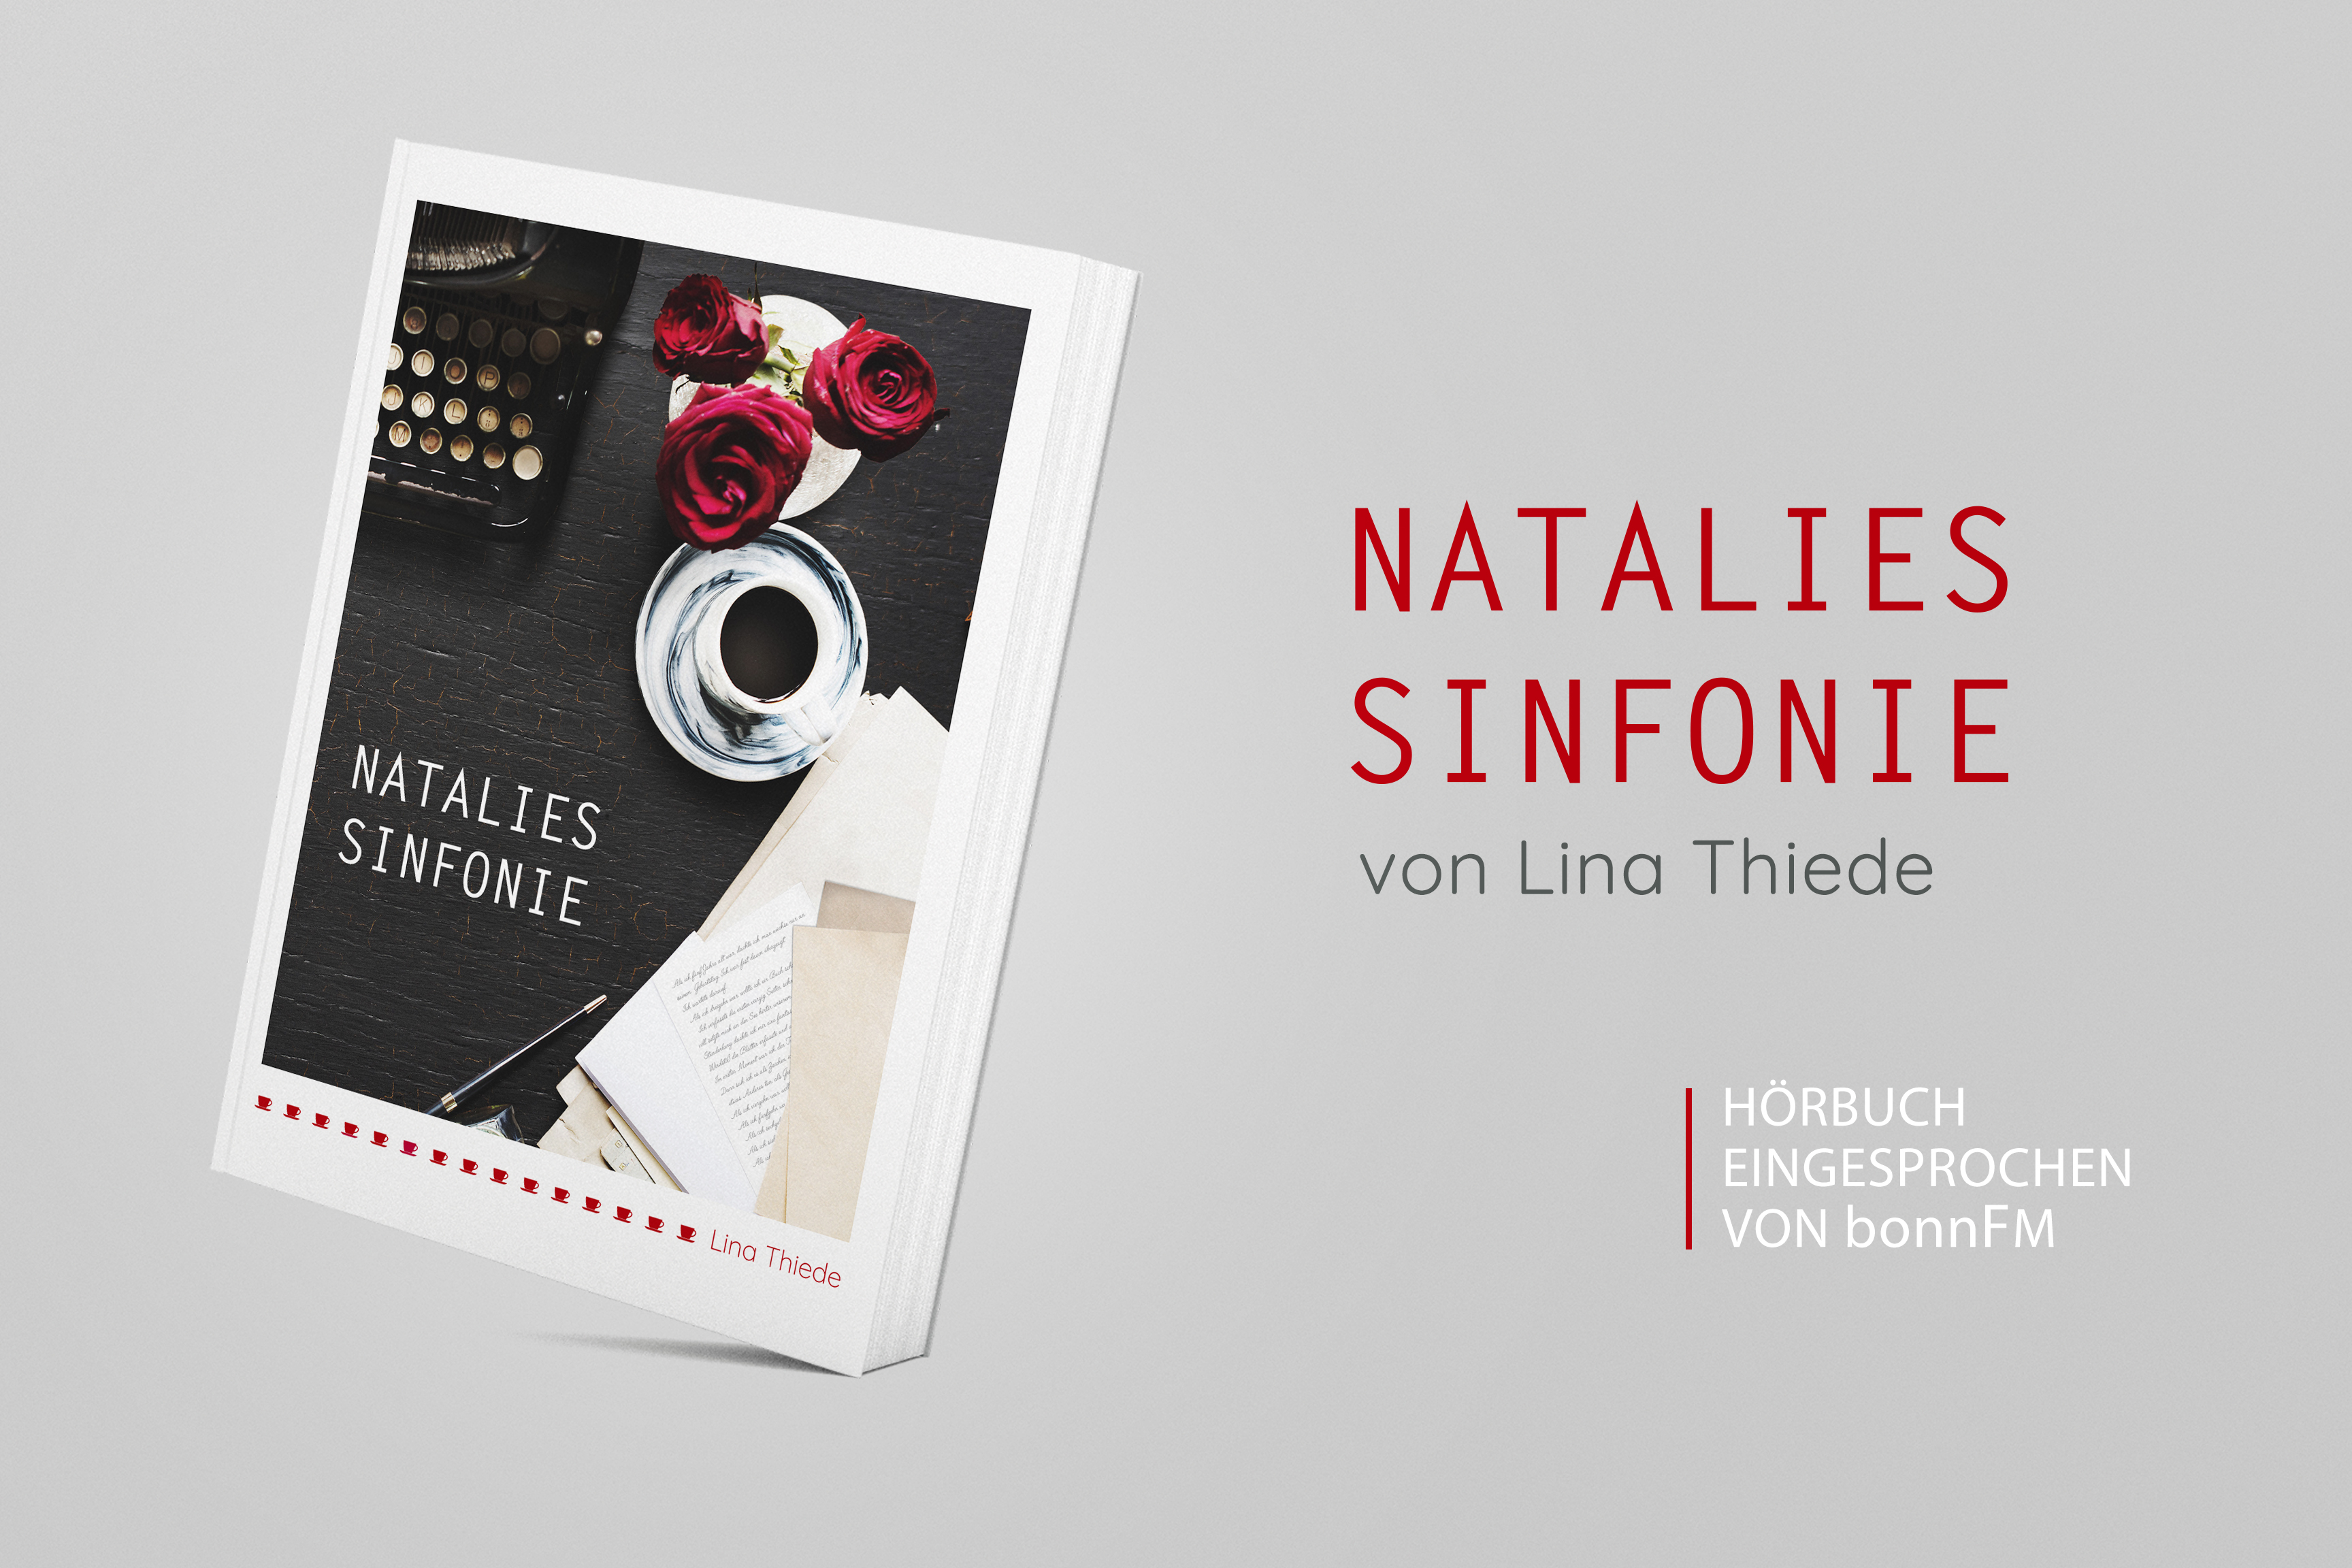 Natalies Sinfonie von Lina Thiede – Kapitel 7: Glücksammlerin